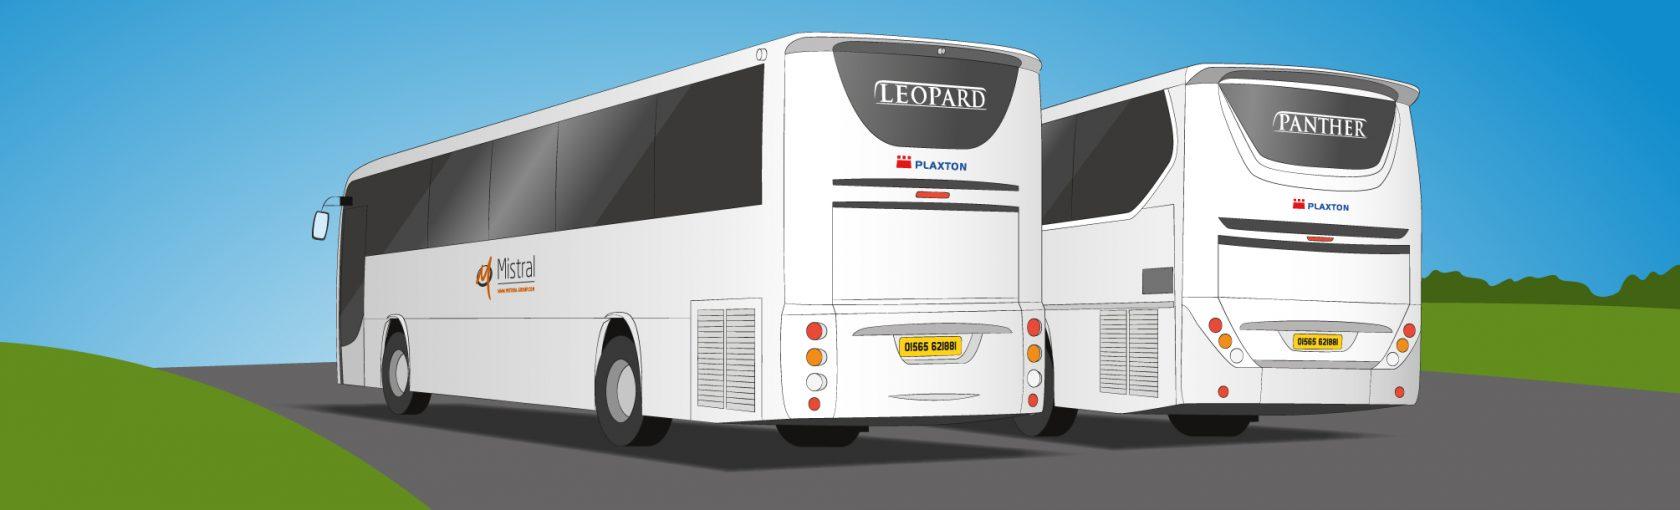 Mistral-coach-header-image